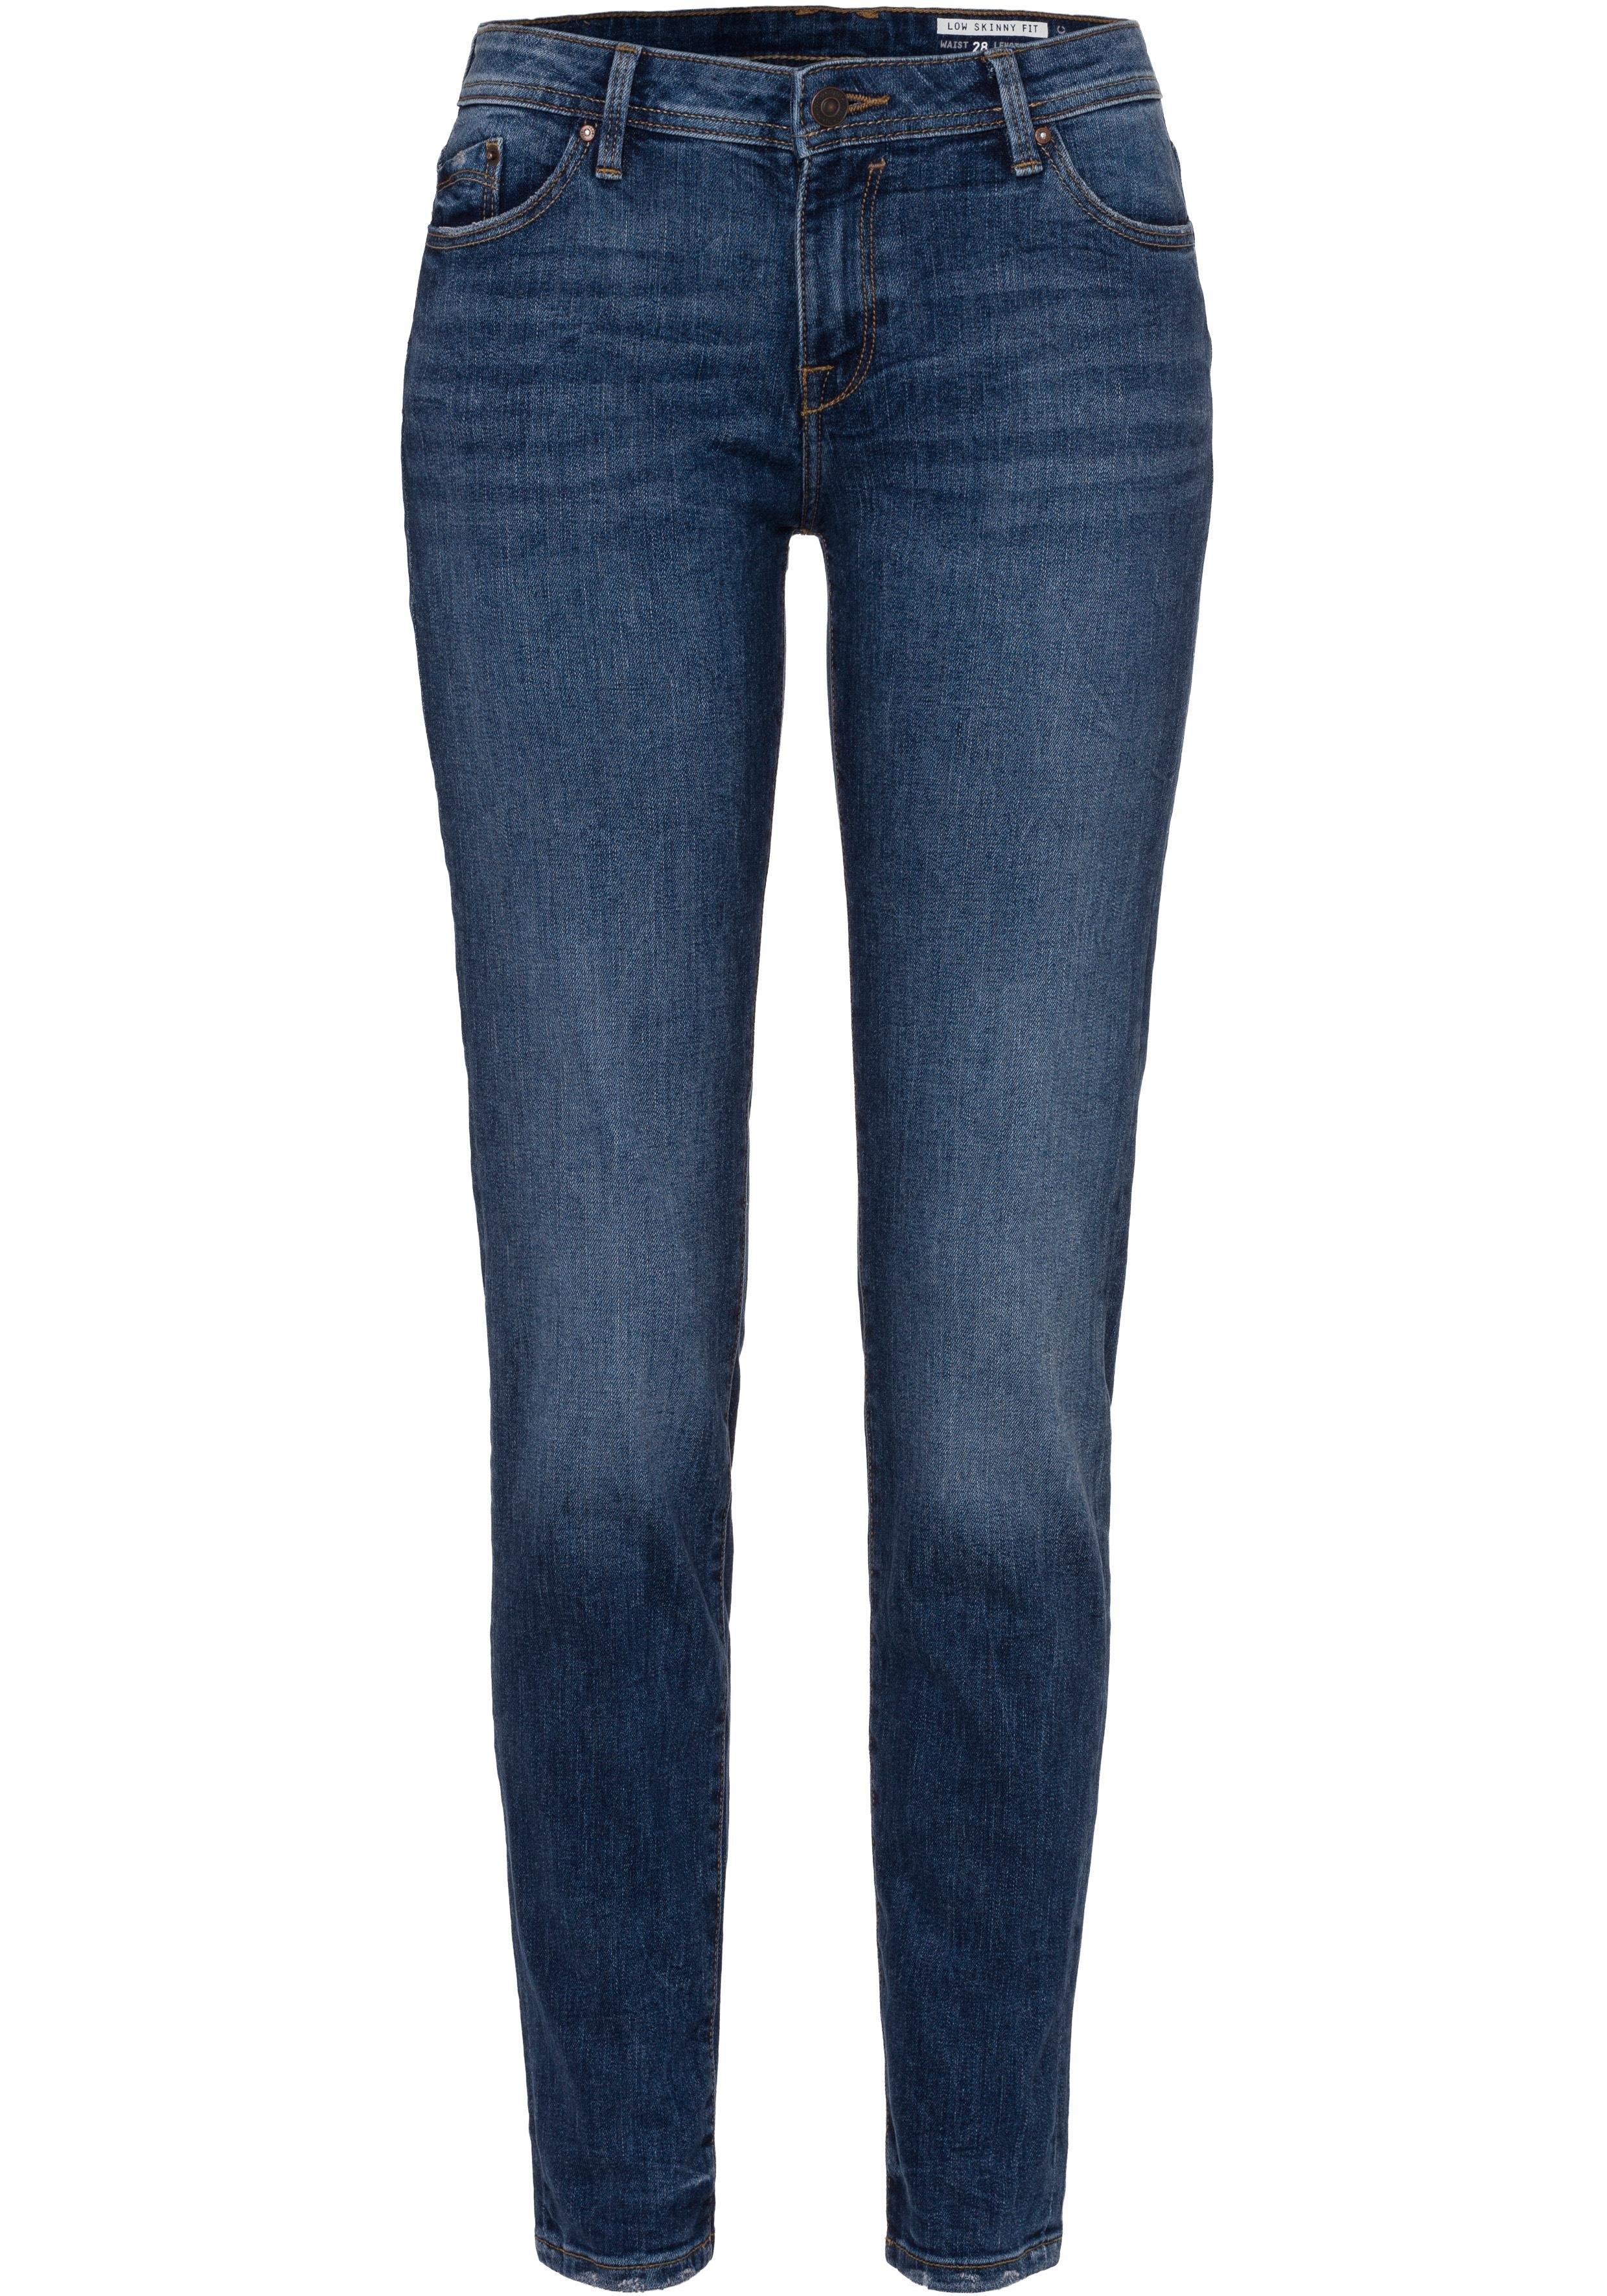 edc by esprit 5-pocket jeans bij OTTO online kopen